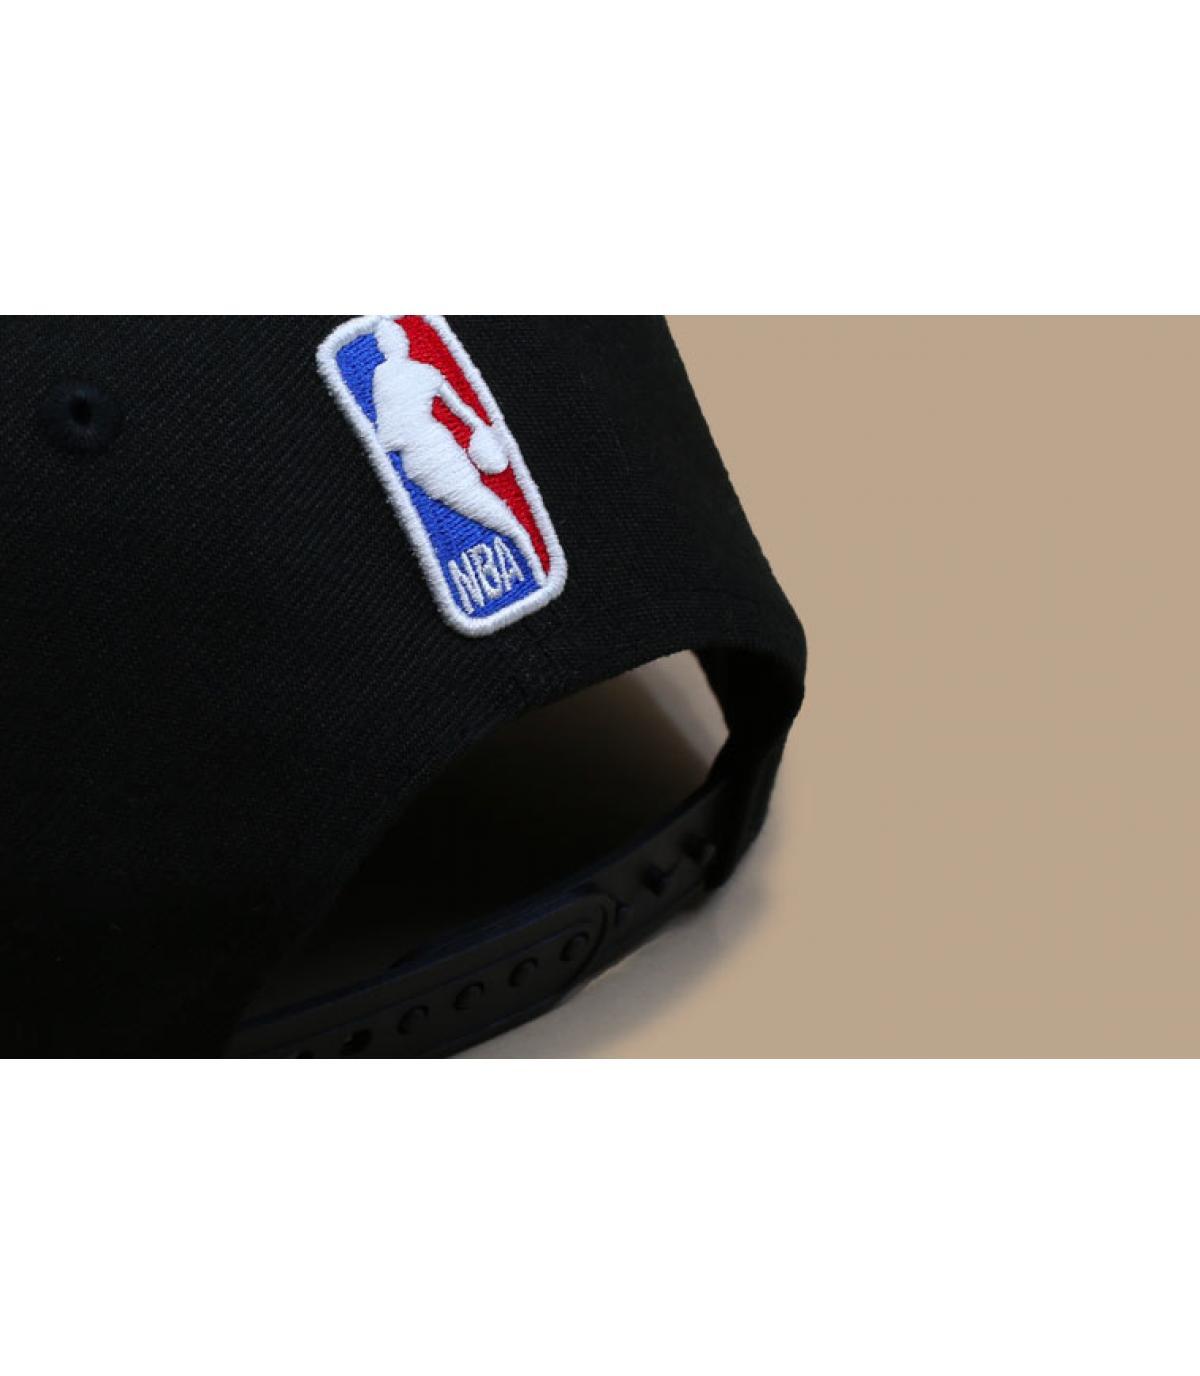 Detalles Snapback NBA Draft Nets 950 imagen 5